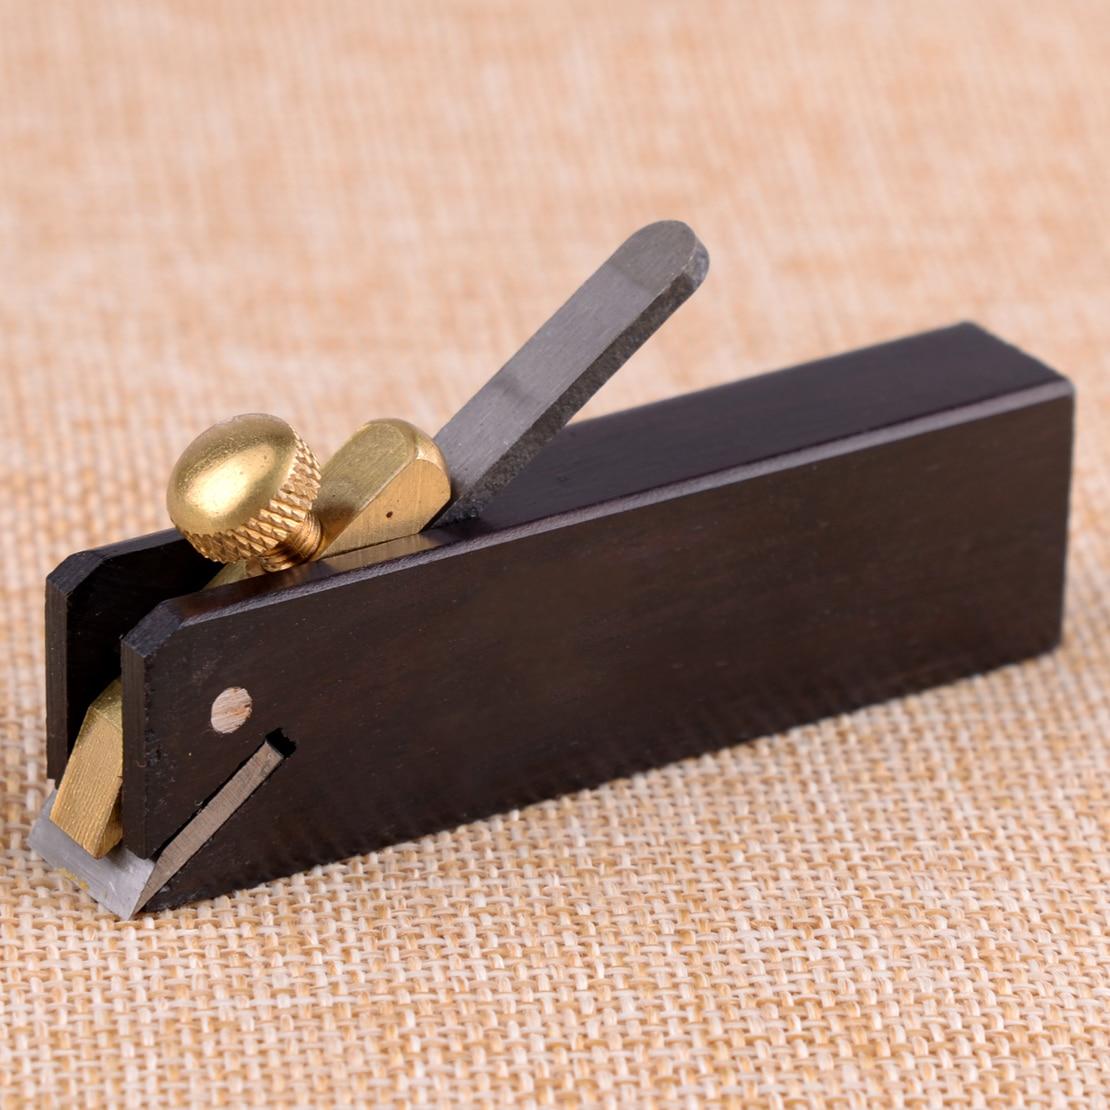 LETAOSK Black Mini Brass Scraper Block Plane Bullnose Wood Working Craft Planar Tool Carpenter